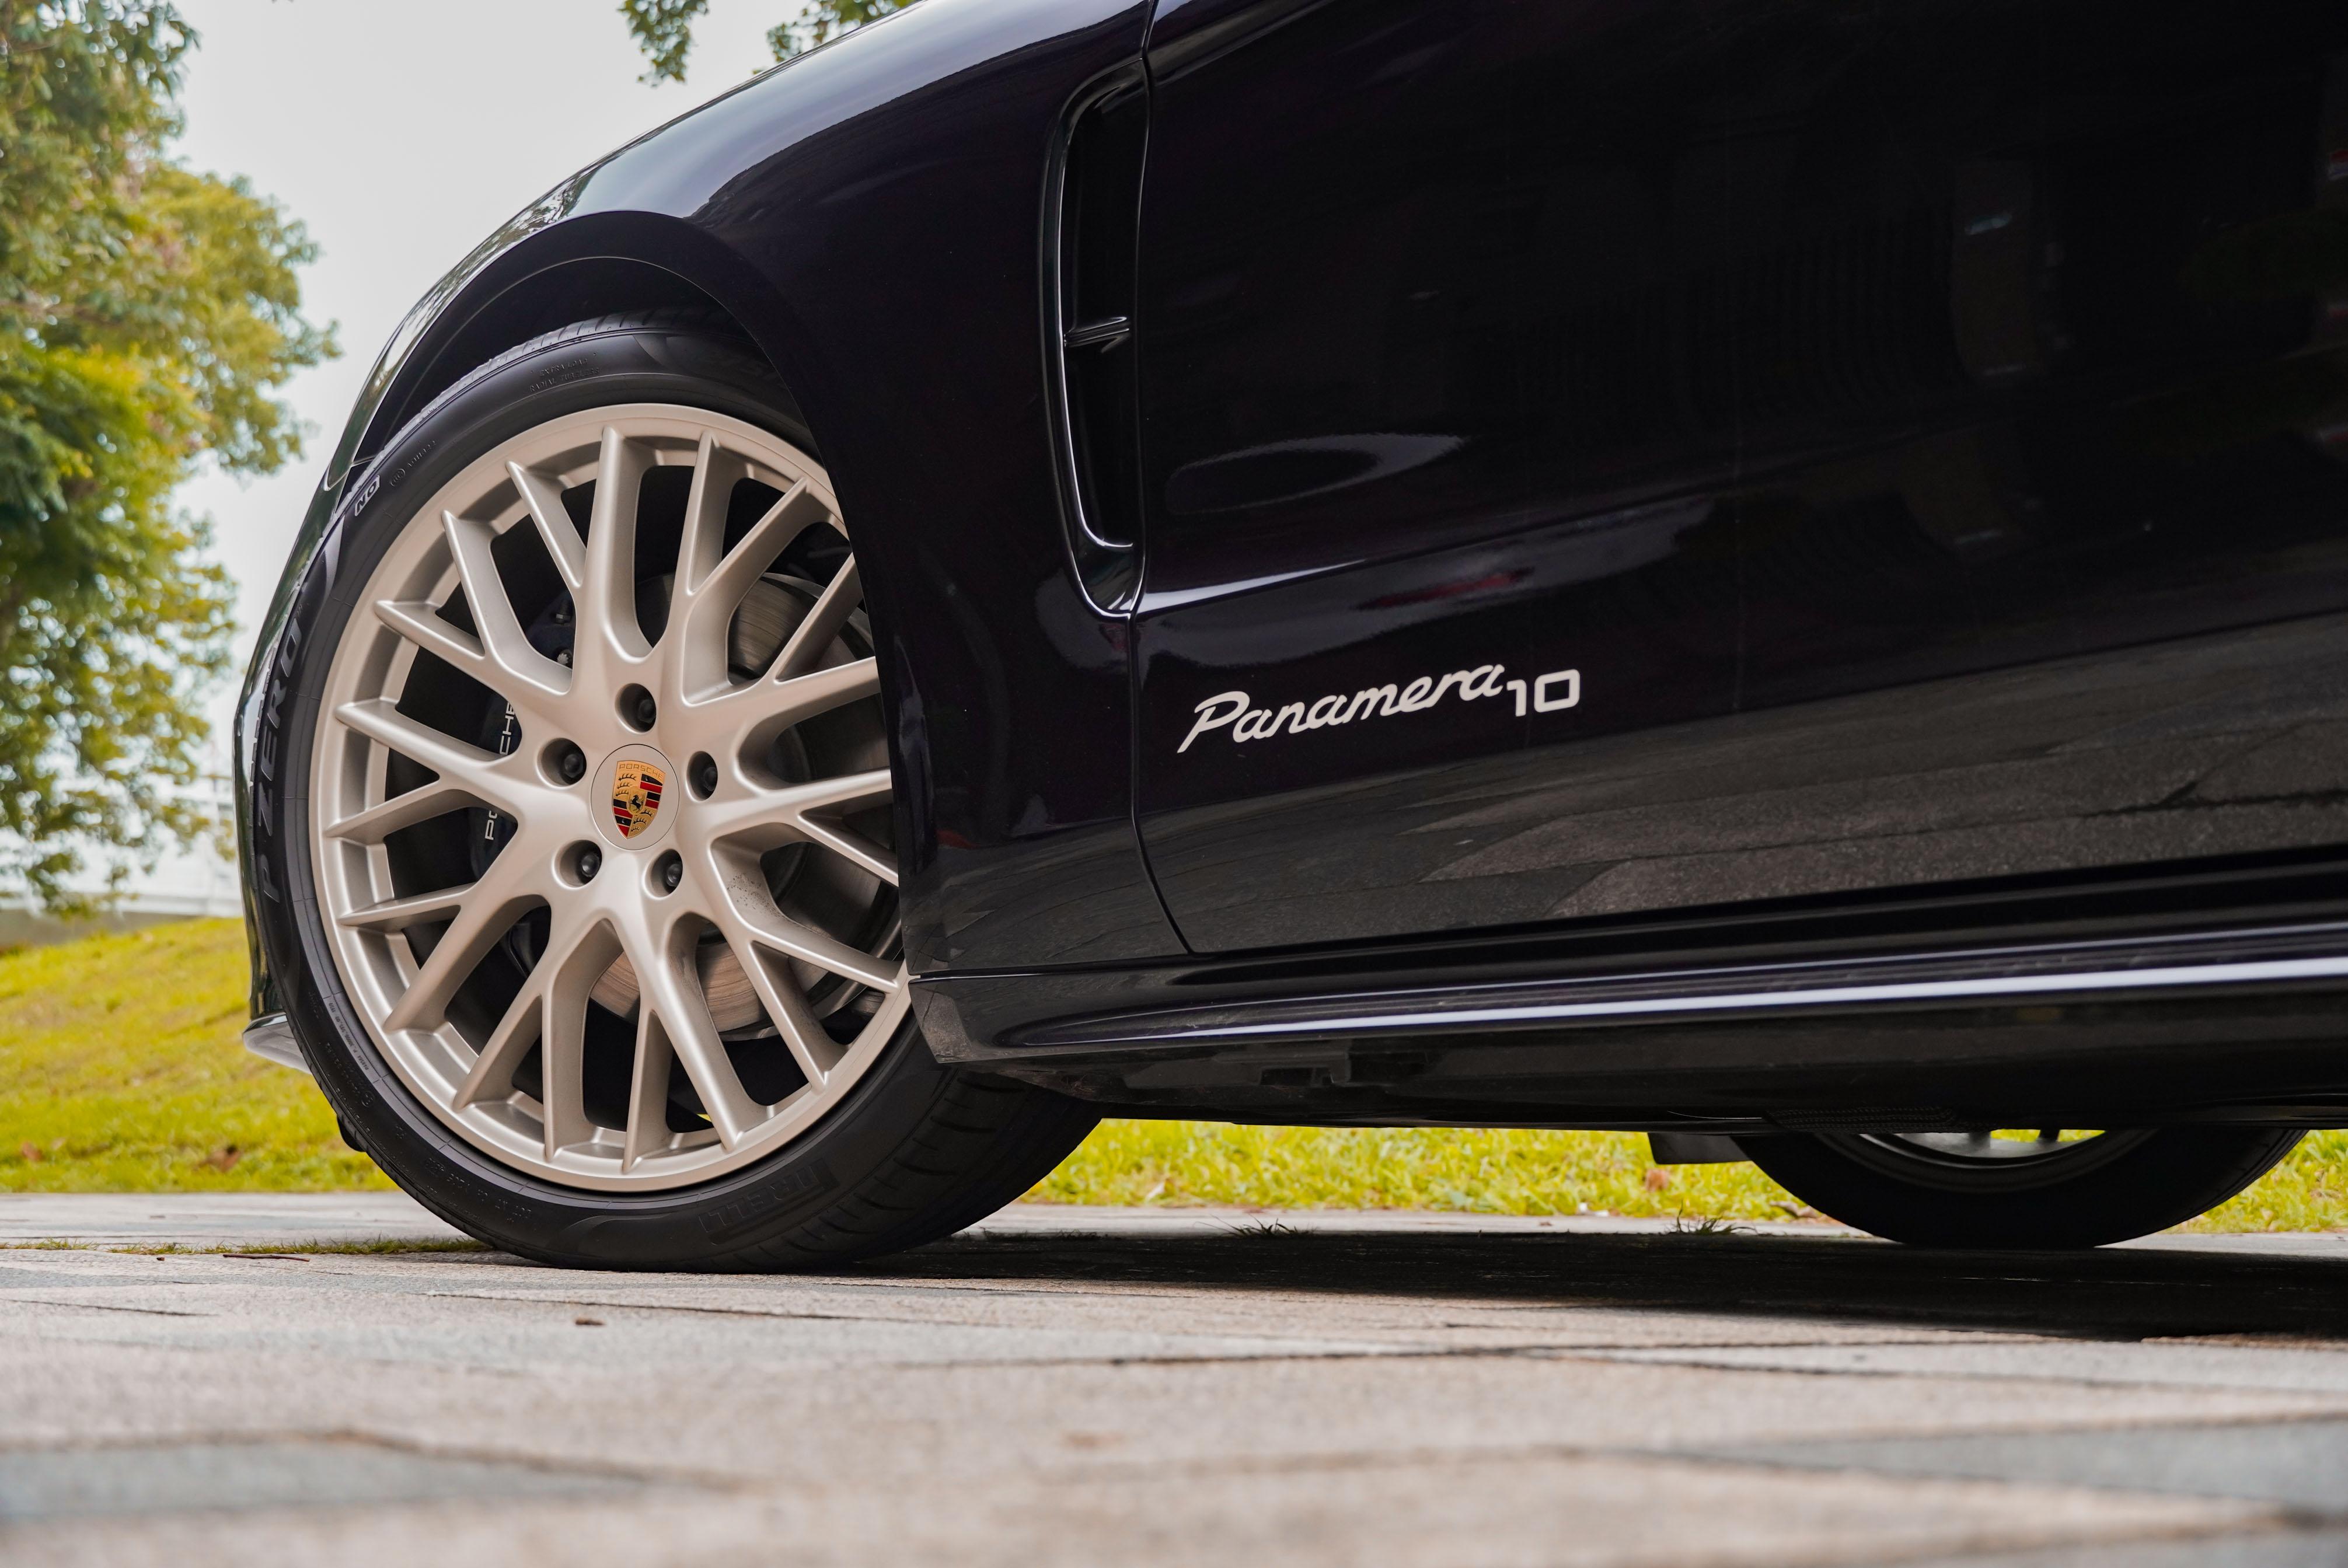 金屬消光白金色 21 吋 Panamera Sport Design 輪圈為標準配備,門板上有 Panamera10 字樣。